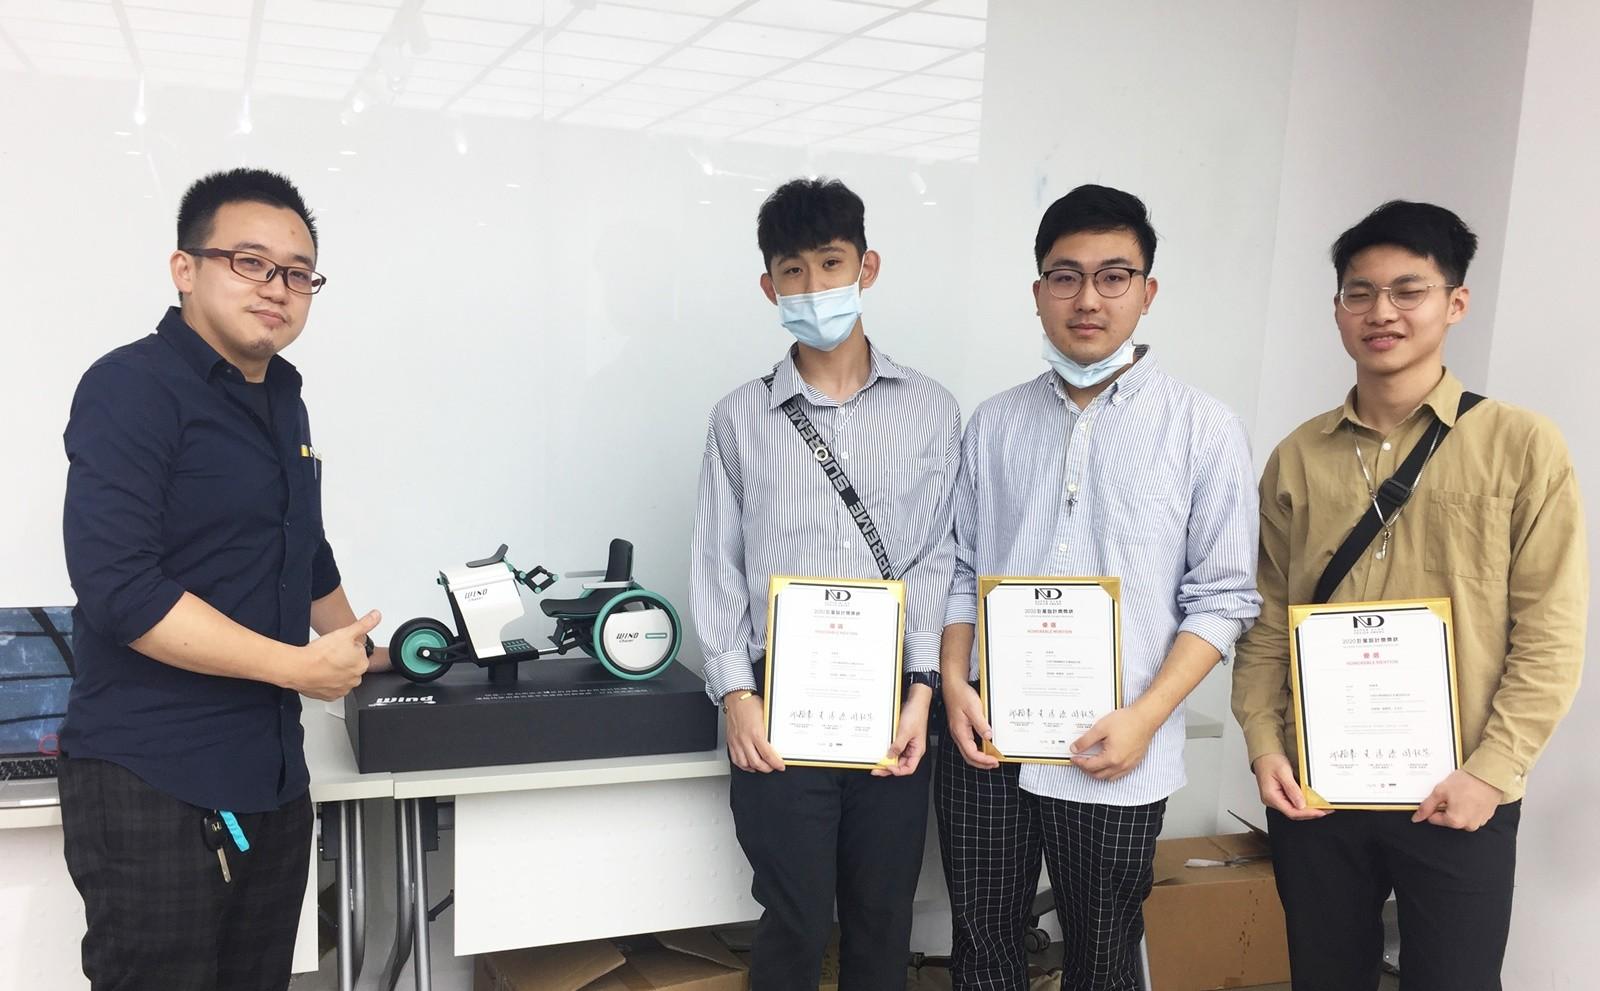 中原商設施昌甫老師(左)指導大一學生,為身障朋友設計拉風機車,獲「ND巨星設計獎」。.JPG